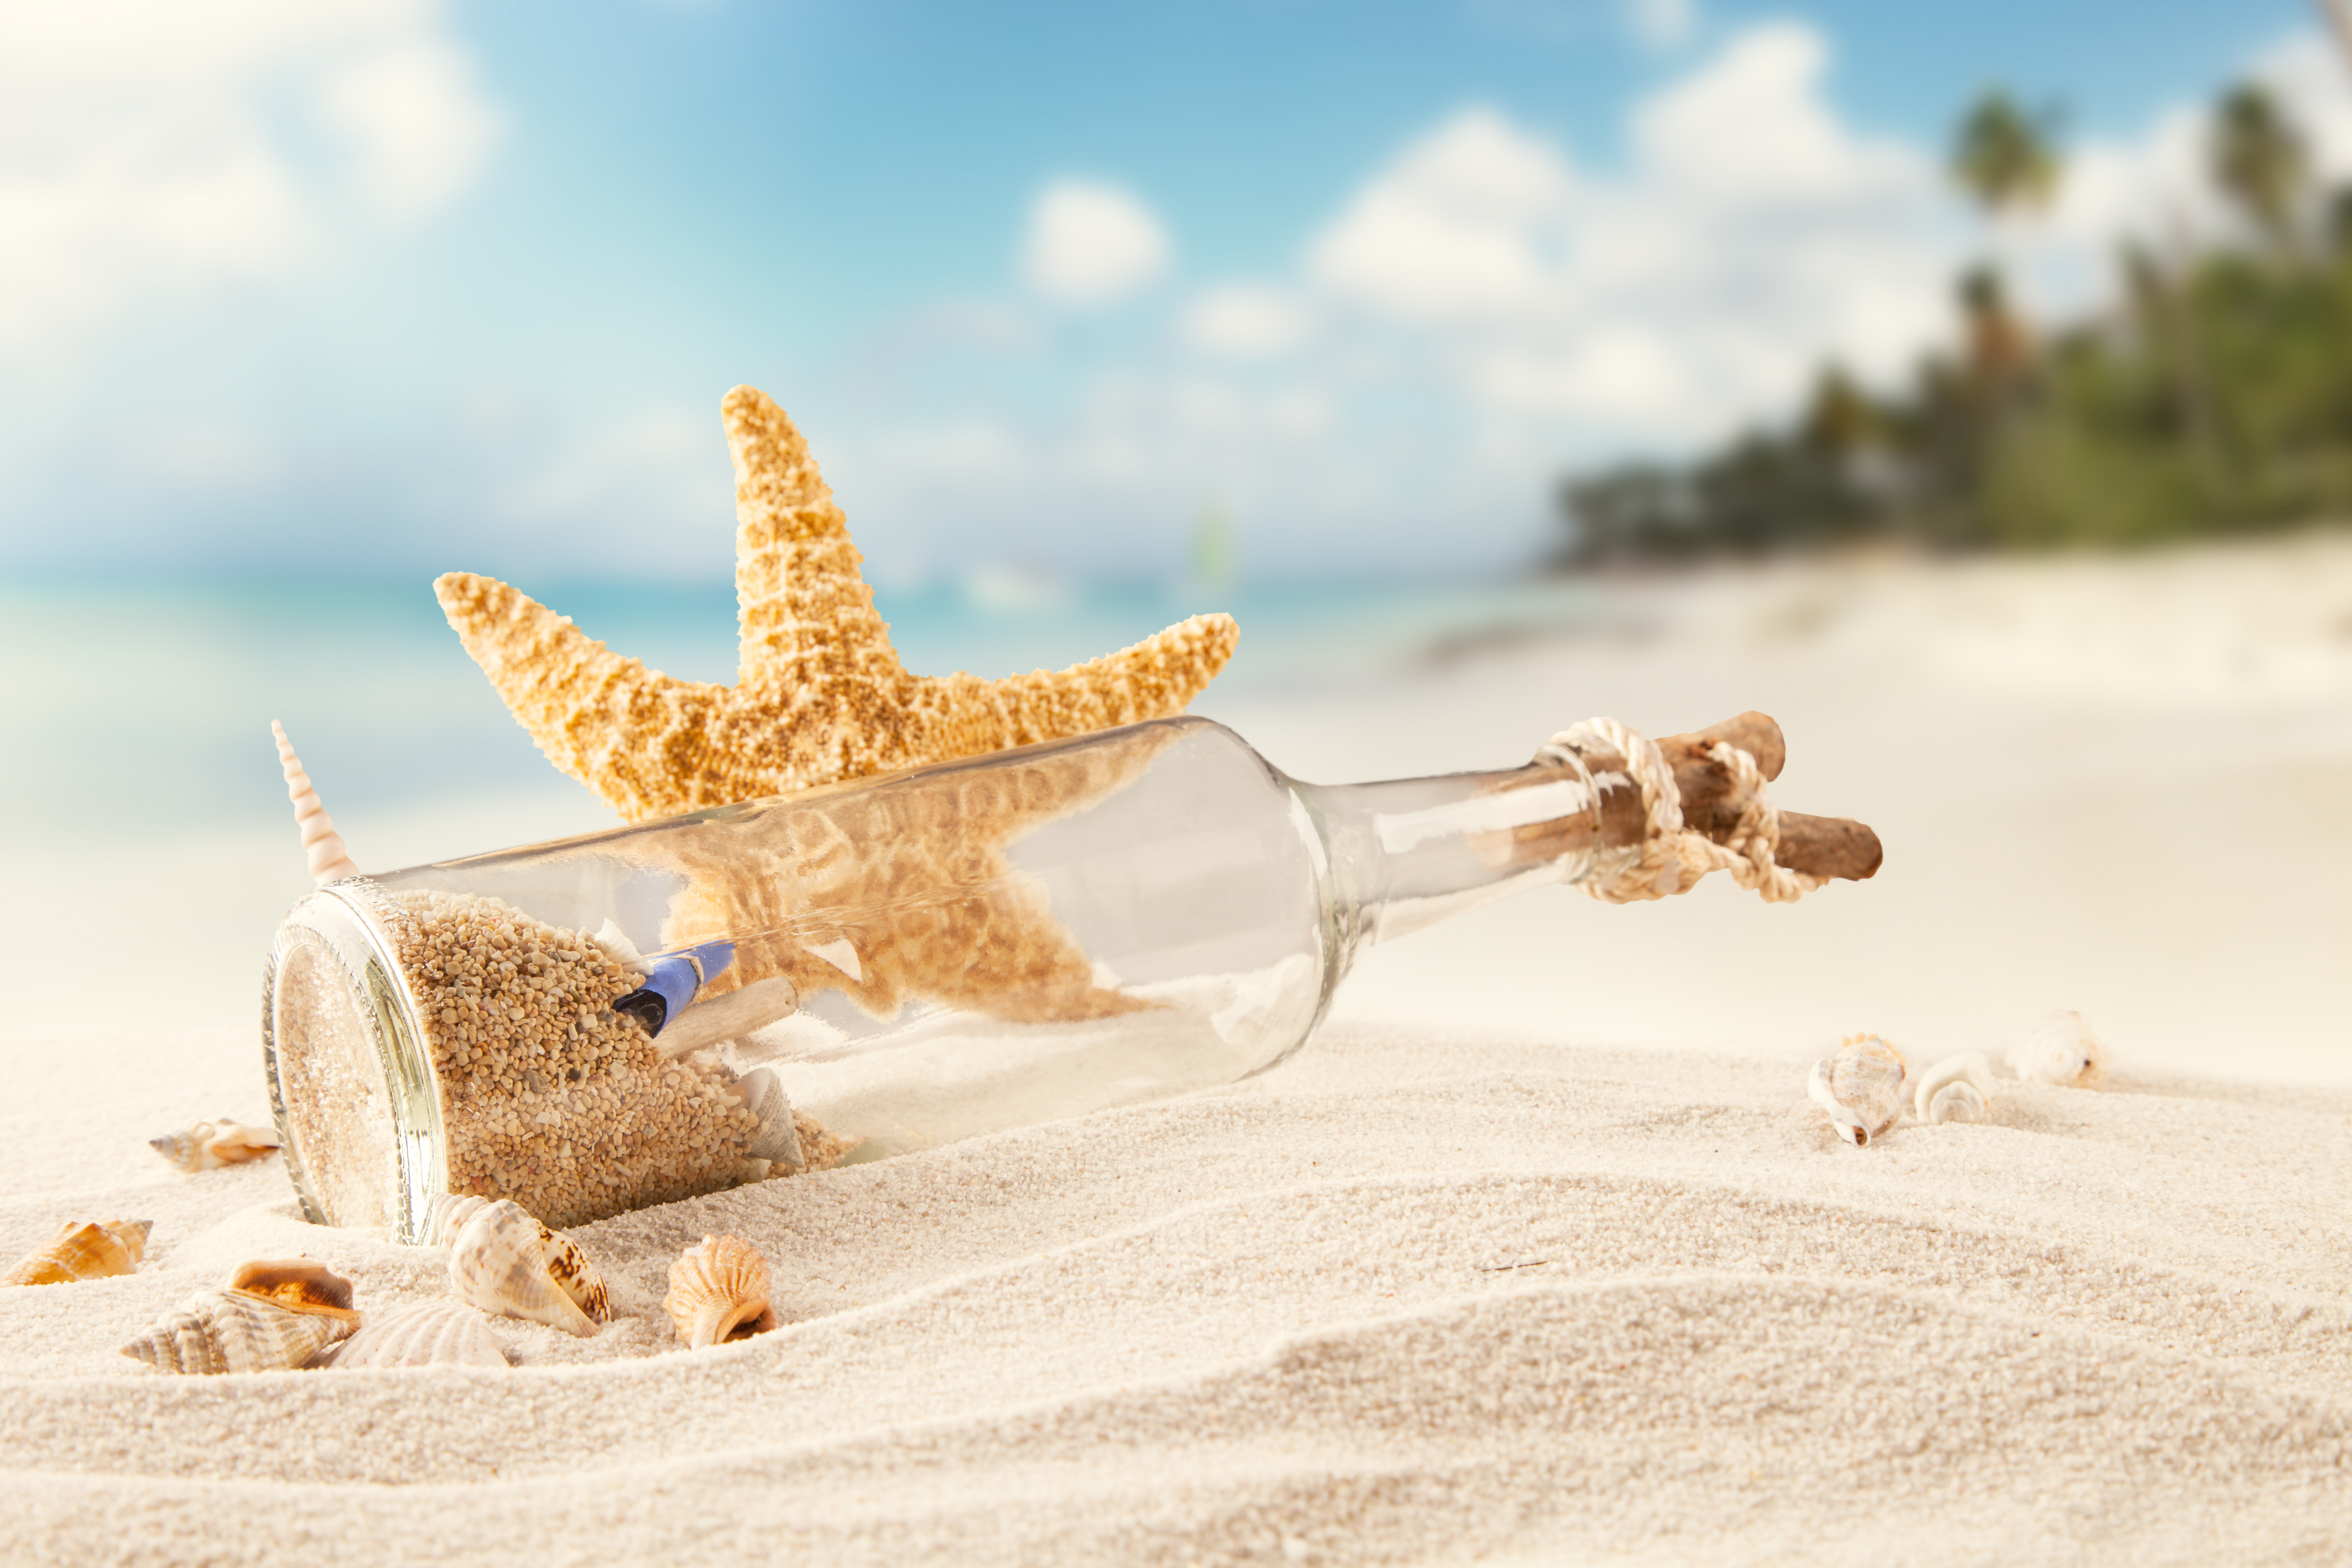 действий фотообои море пляж морская звезда верхней нижней челюстях